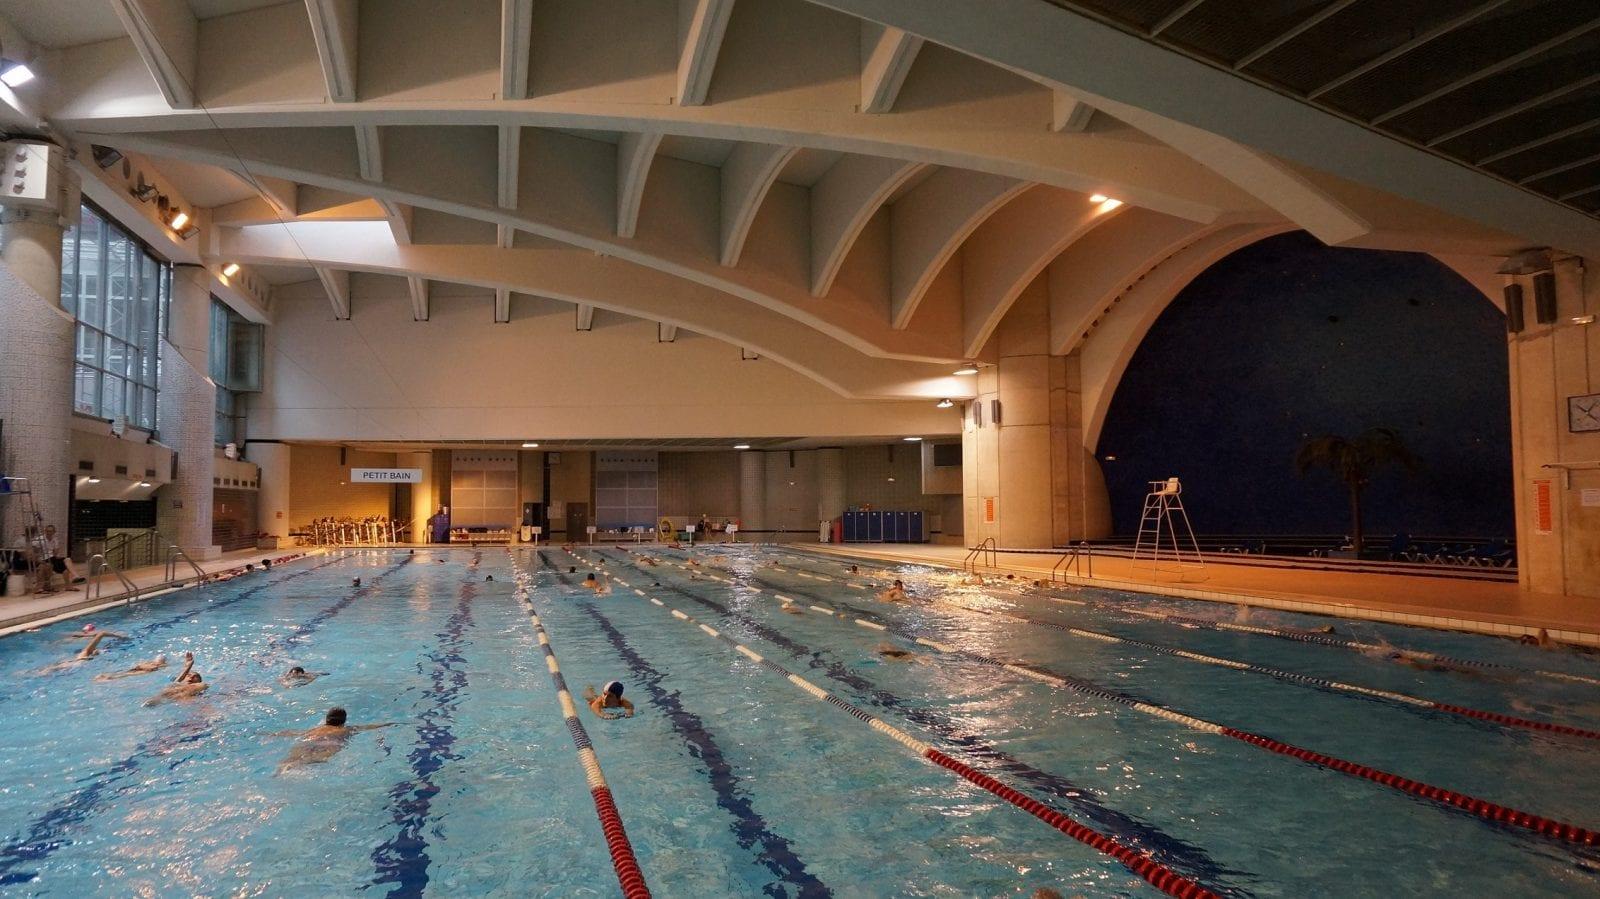 piscine forum Les Halles